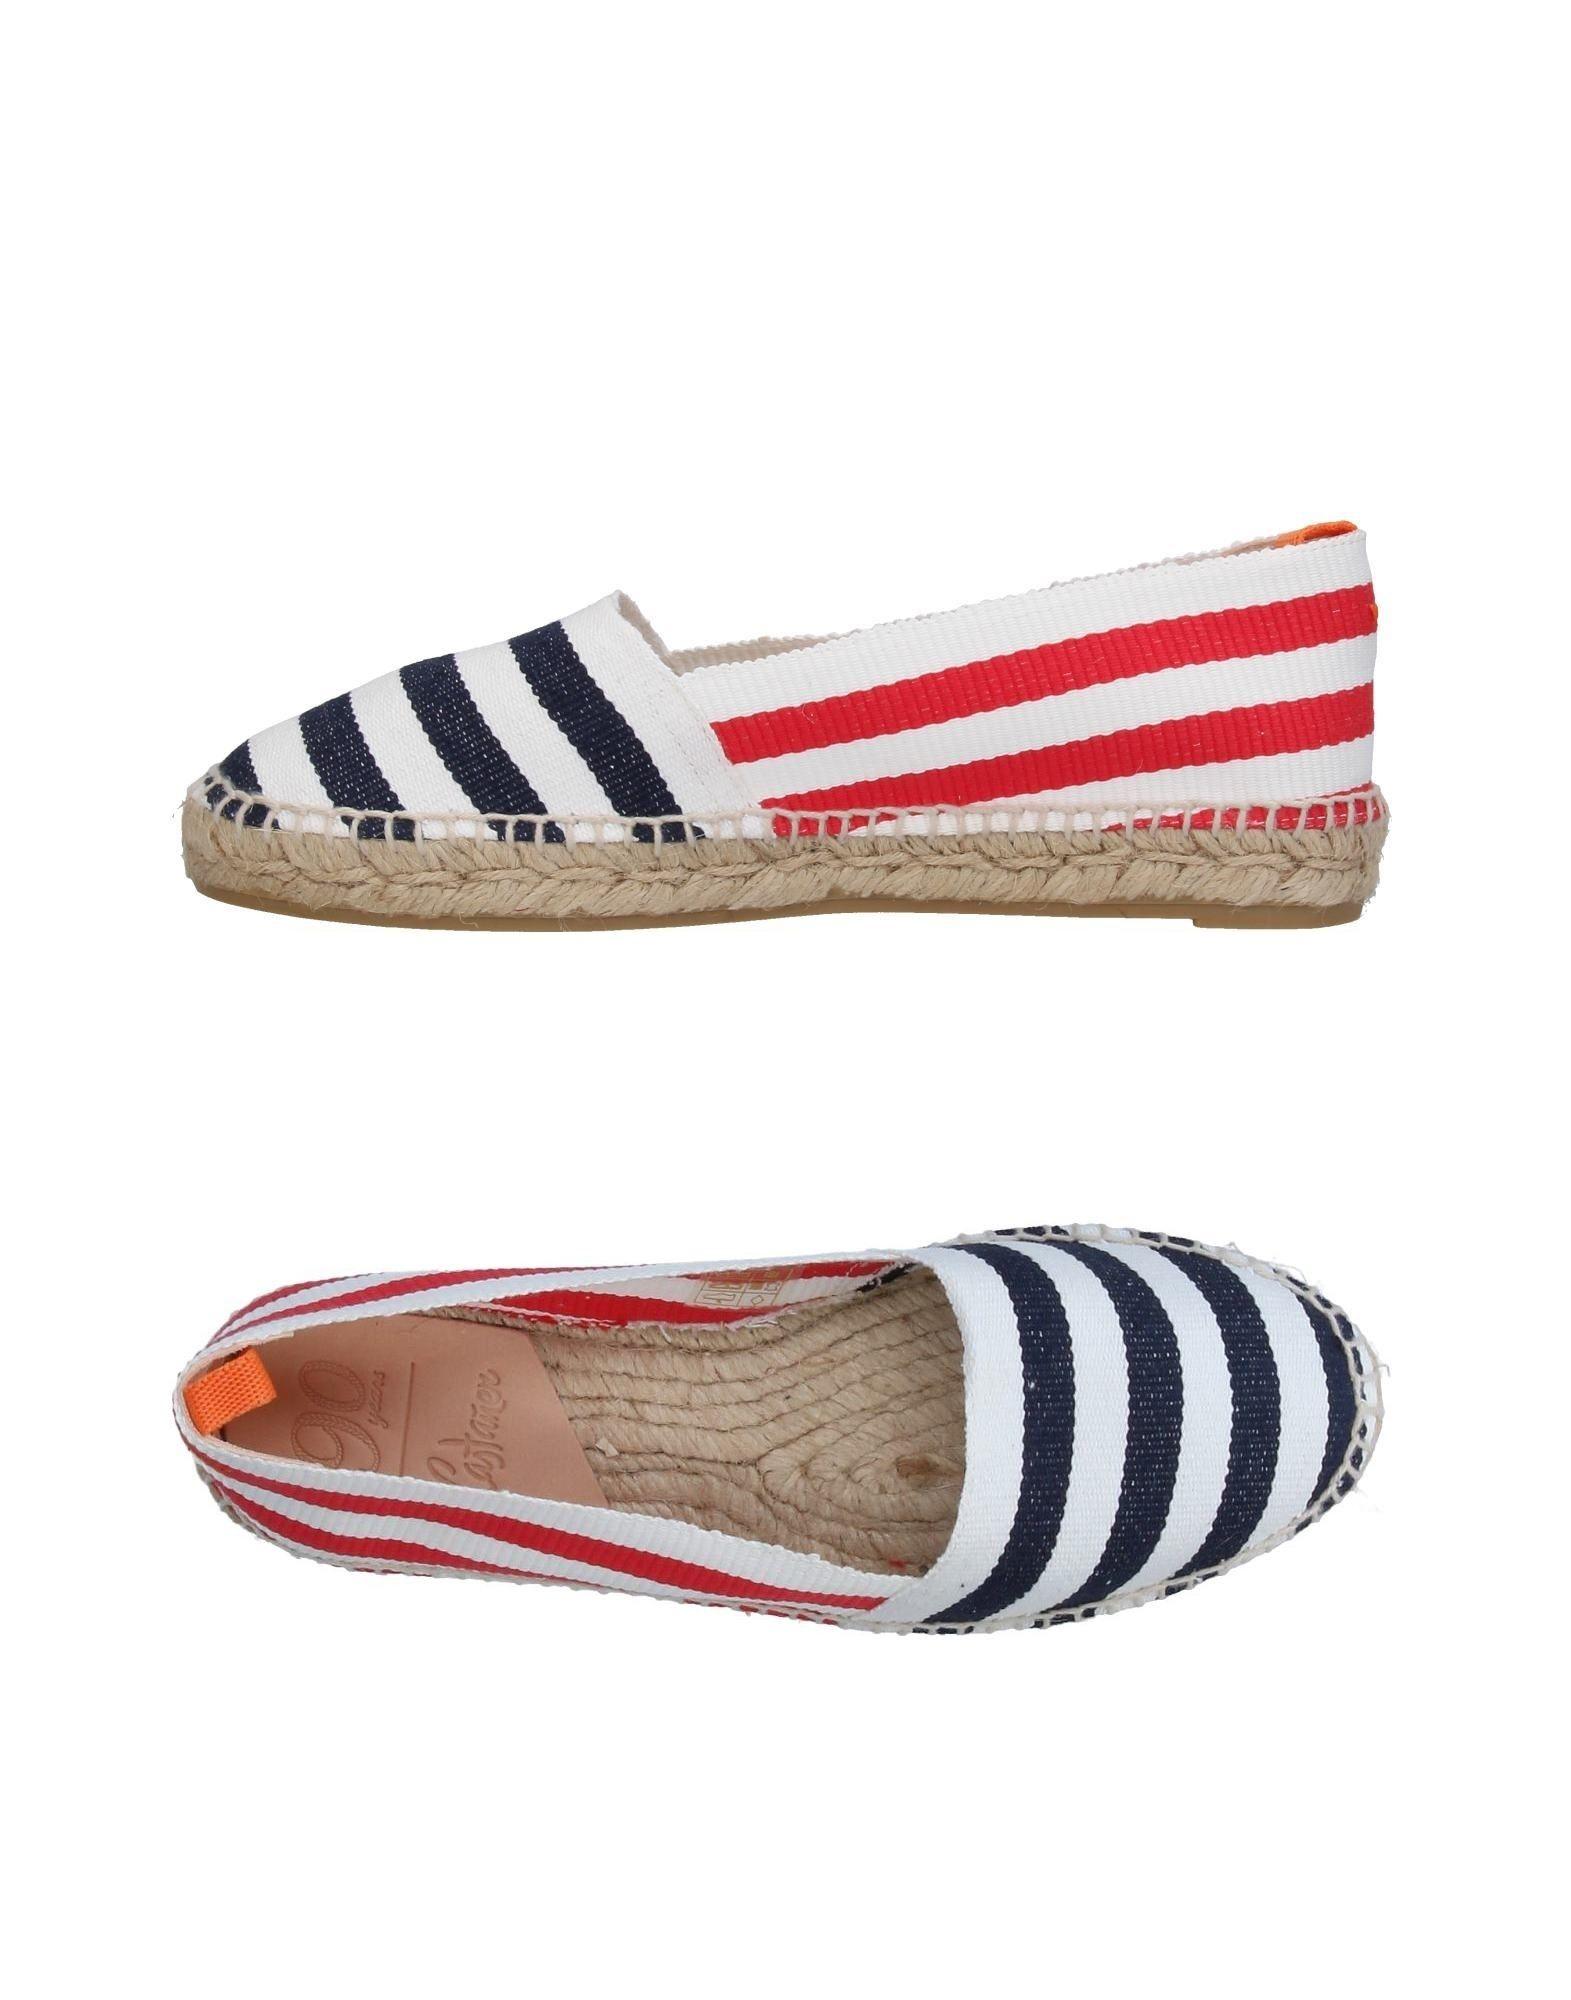 Castañer 11355204CF Espadrilles Damen  11355204CF Castañer Gute Qualität beliebte Schuhe 590821